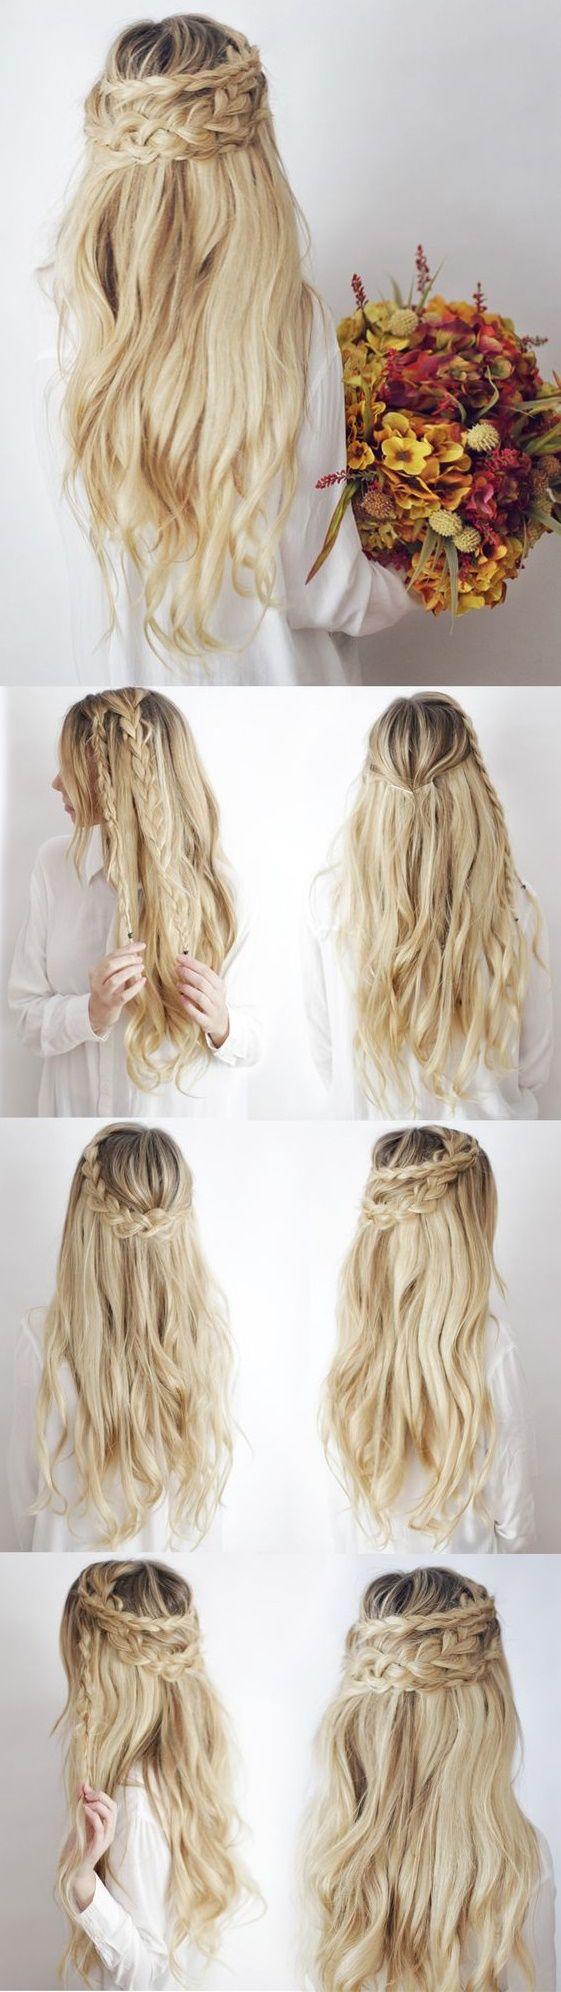 Peinado cabello suelto y trenza gruesa media corona